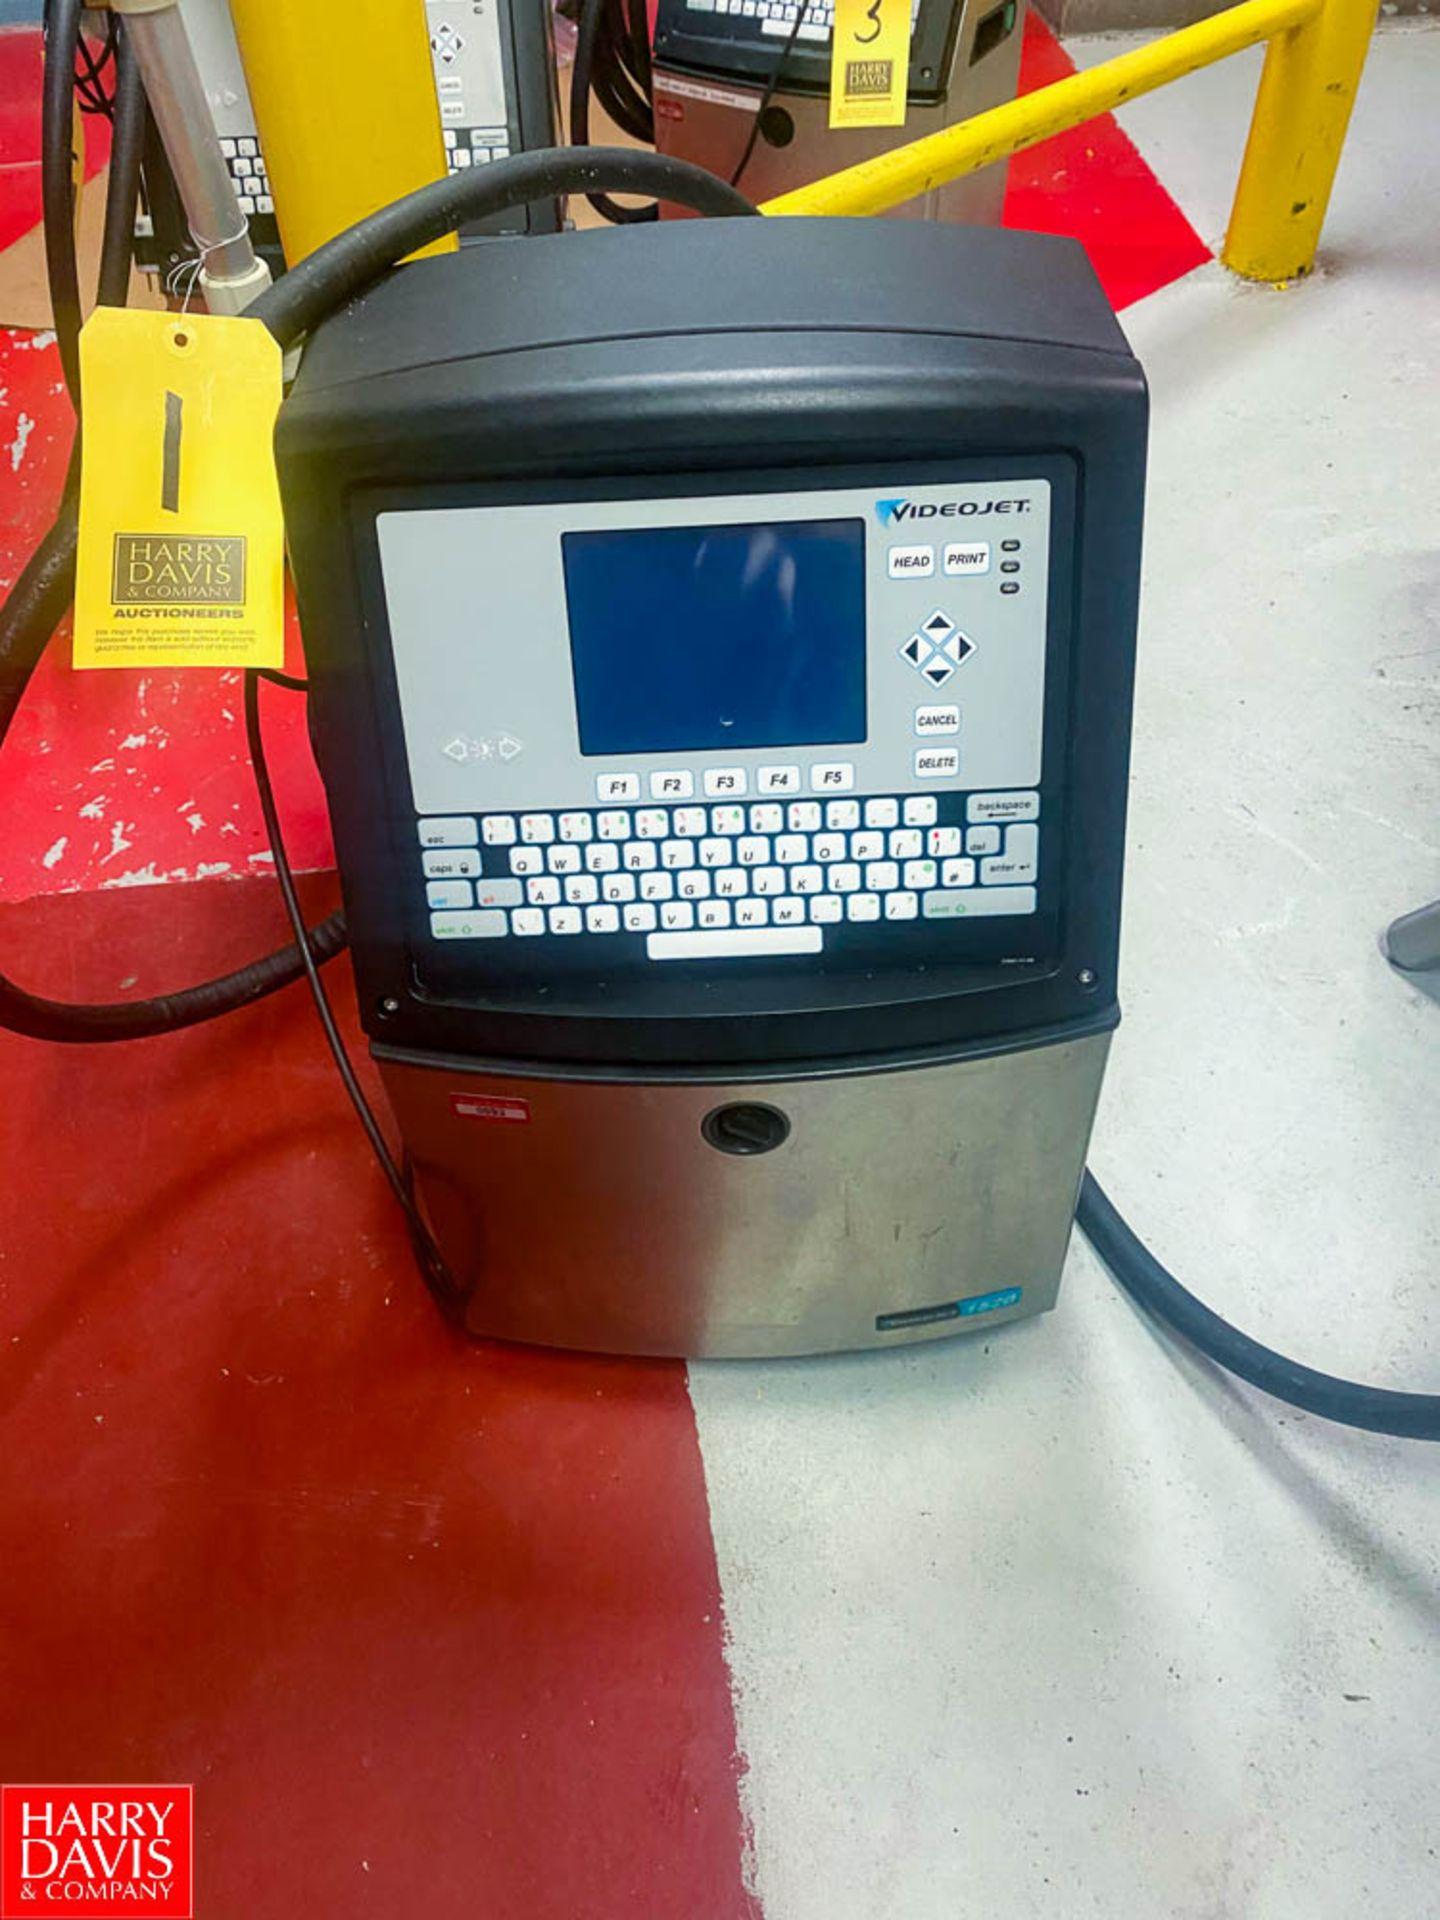 Lot 1 - Video Jet Ink Jet Printer Model: 1520, SN: 1201418C22ZA - Rigging Fee: $ 75